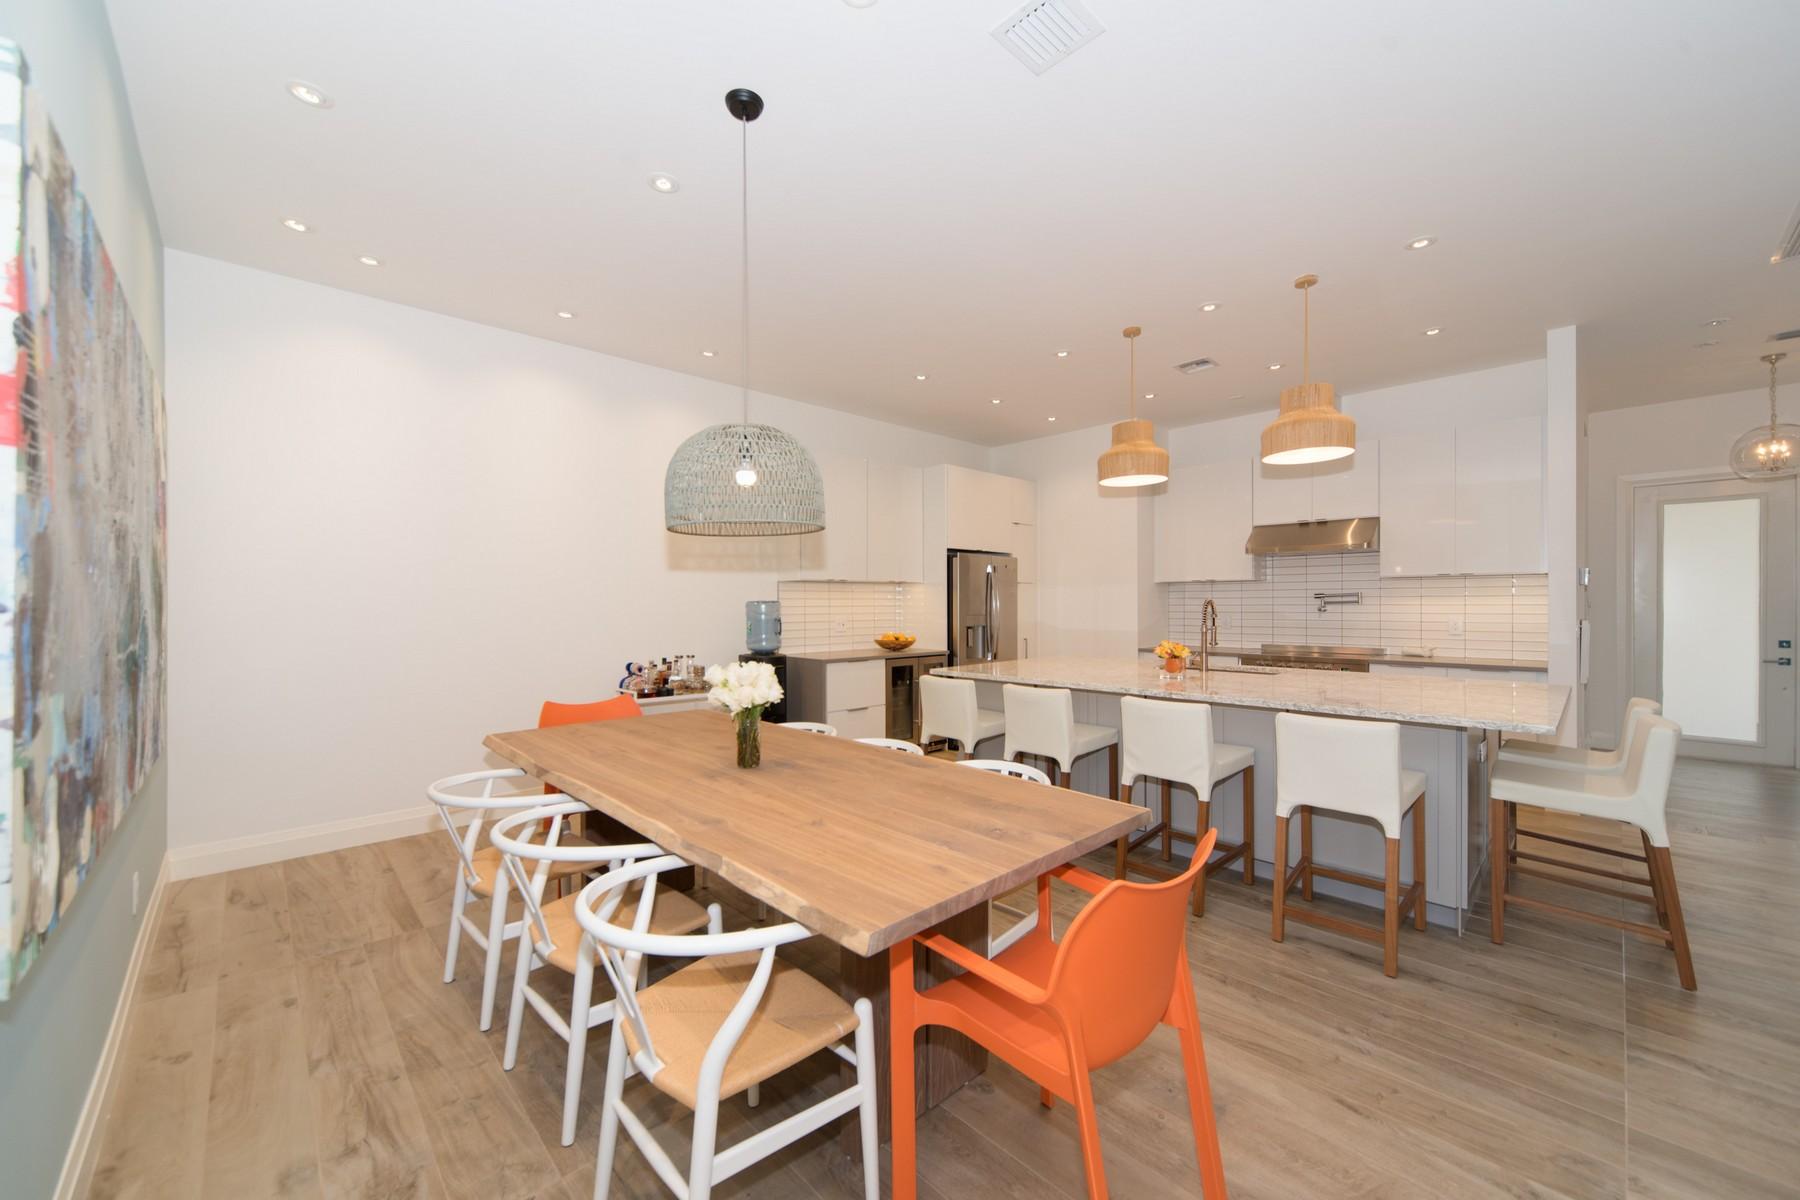 Частный односемейный дом для того Продажа на 2940 Twin Oaks Way Wellington, Флорида, 33414 Соединенные Штаты